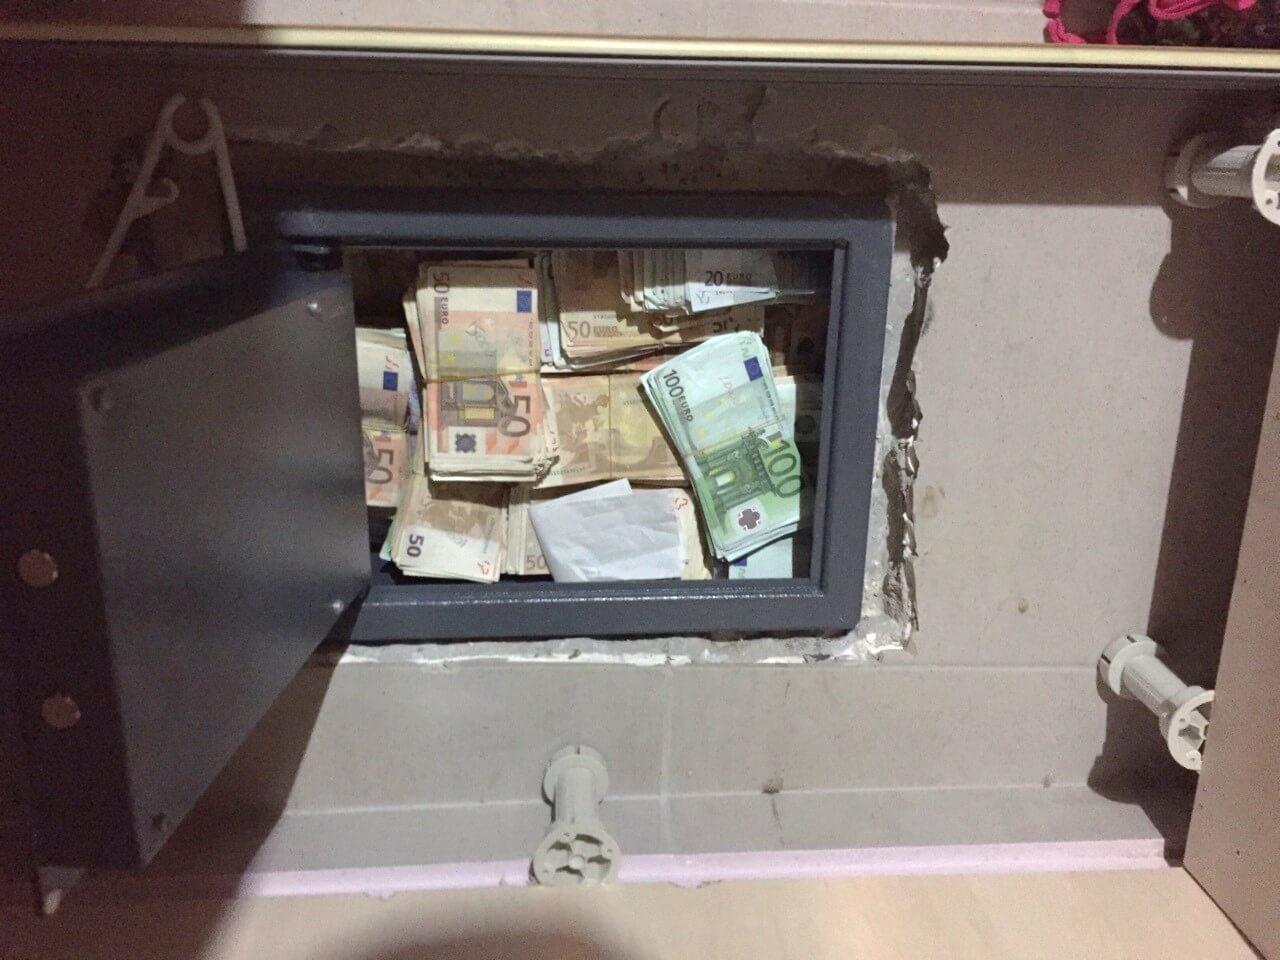 Ηράκλειο: Άνοιξαν το χρηματοκιβώτιο και έγιναν πλουσιότεροι κατά 300.000 ευρώ – Υποψίες για το χτύπημα!